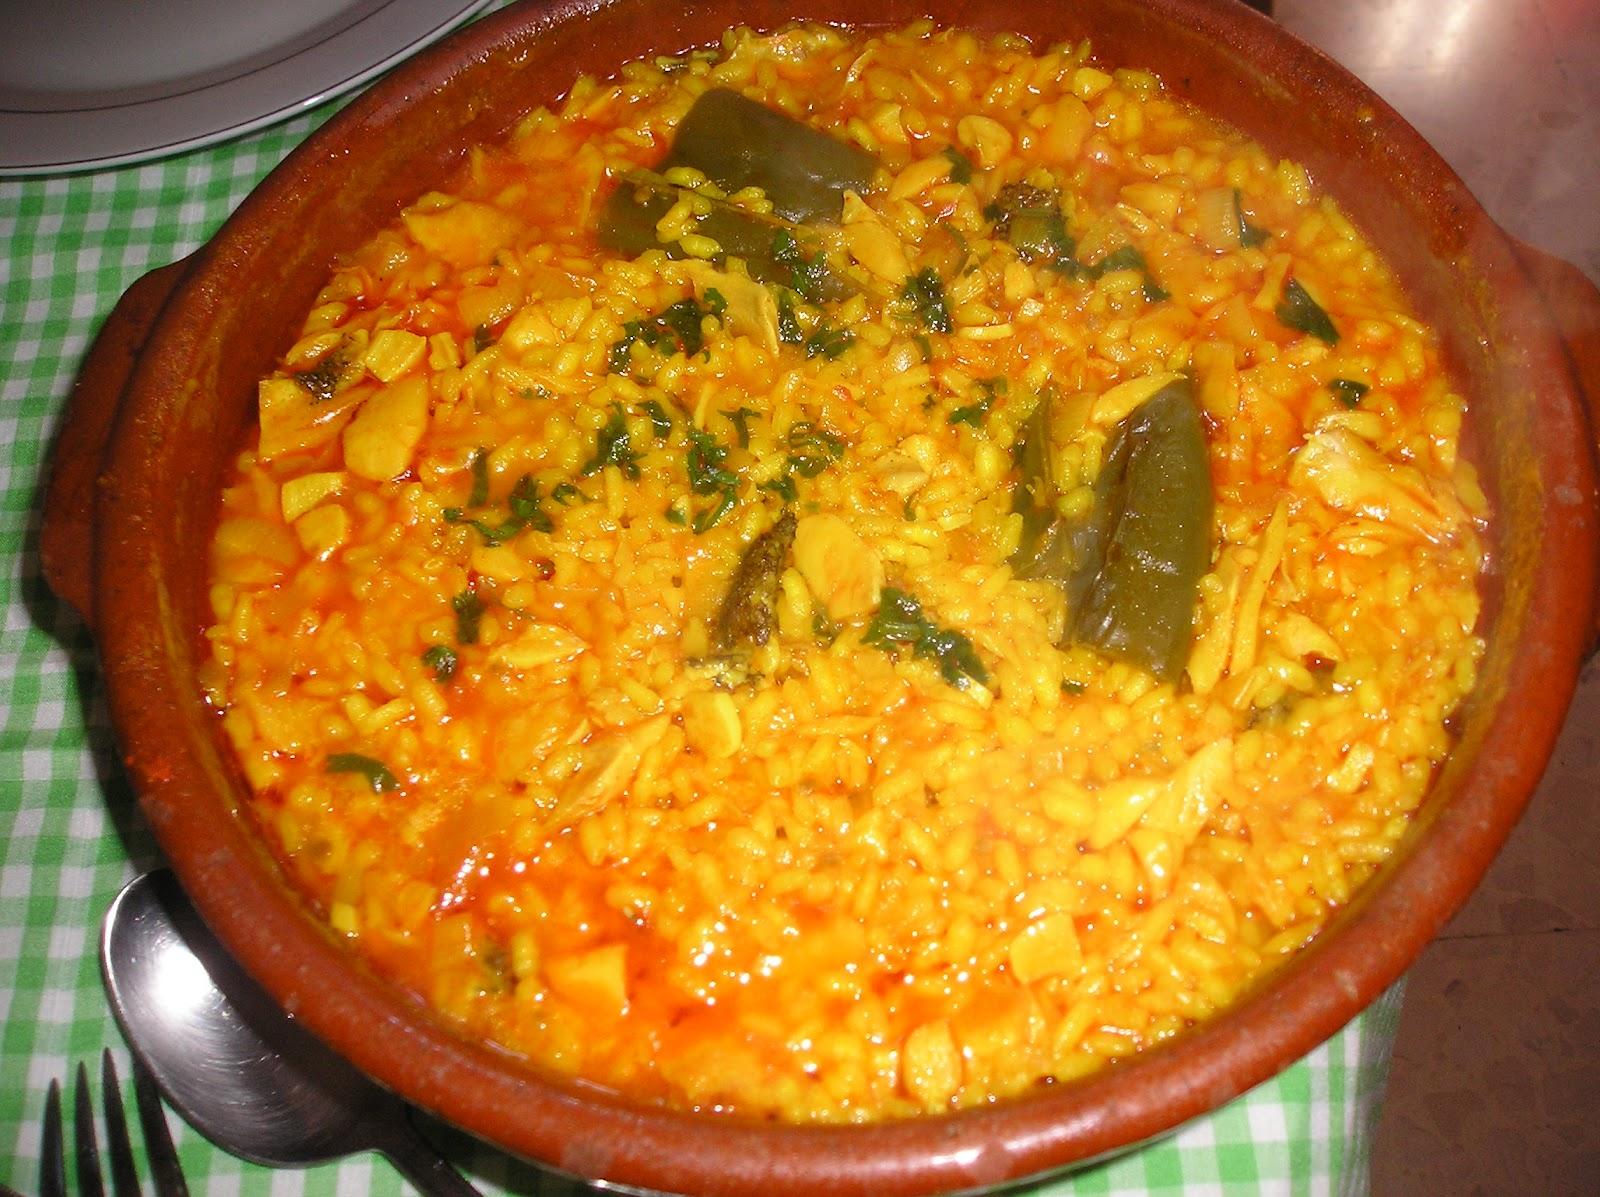 Cocina tradicional de alhaurin de la torre y la comarca - Arroz con bacalao desmigado ...